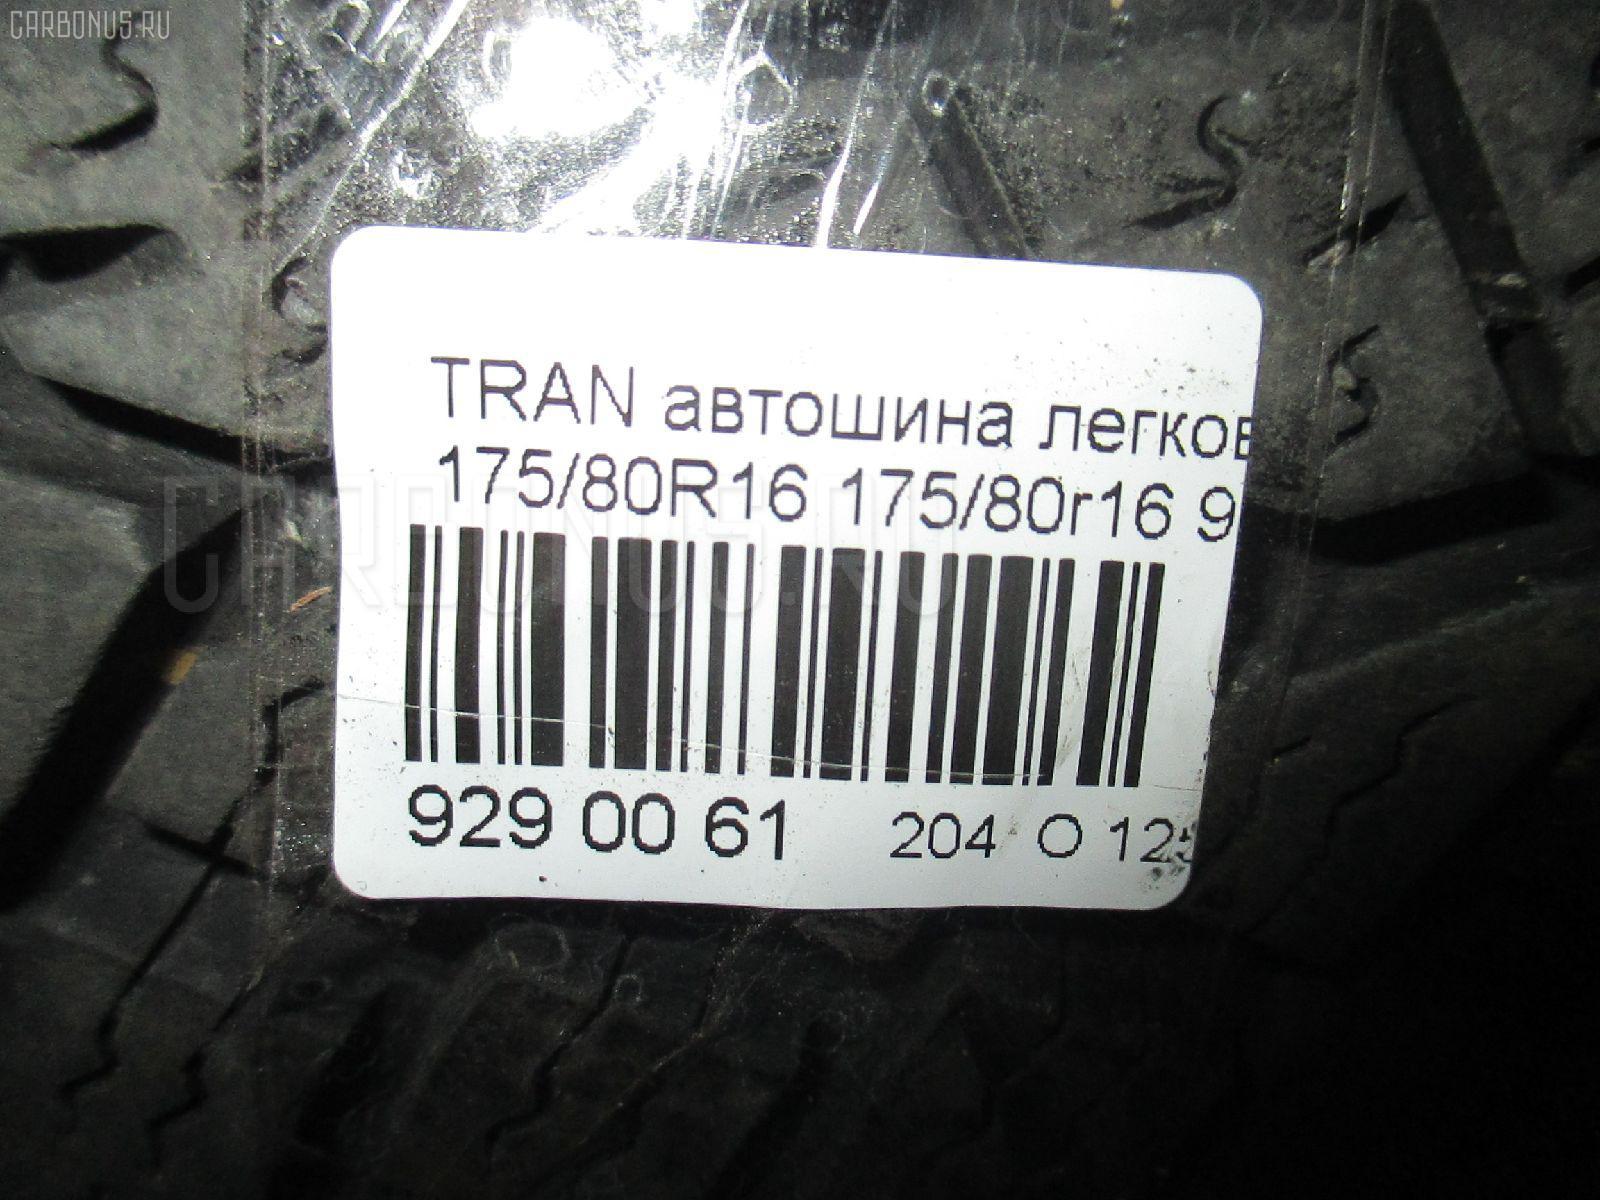 Автошина легковая зимняя TRANPATH A/T 175/80R16 TOYO Фото 5